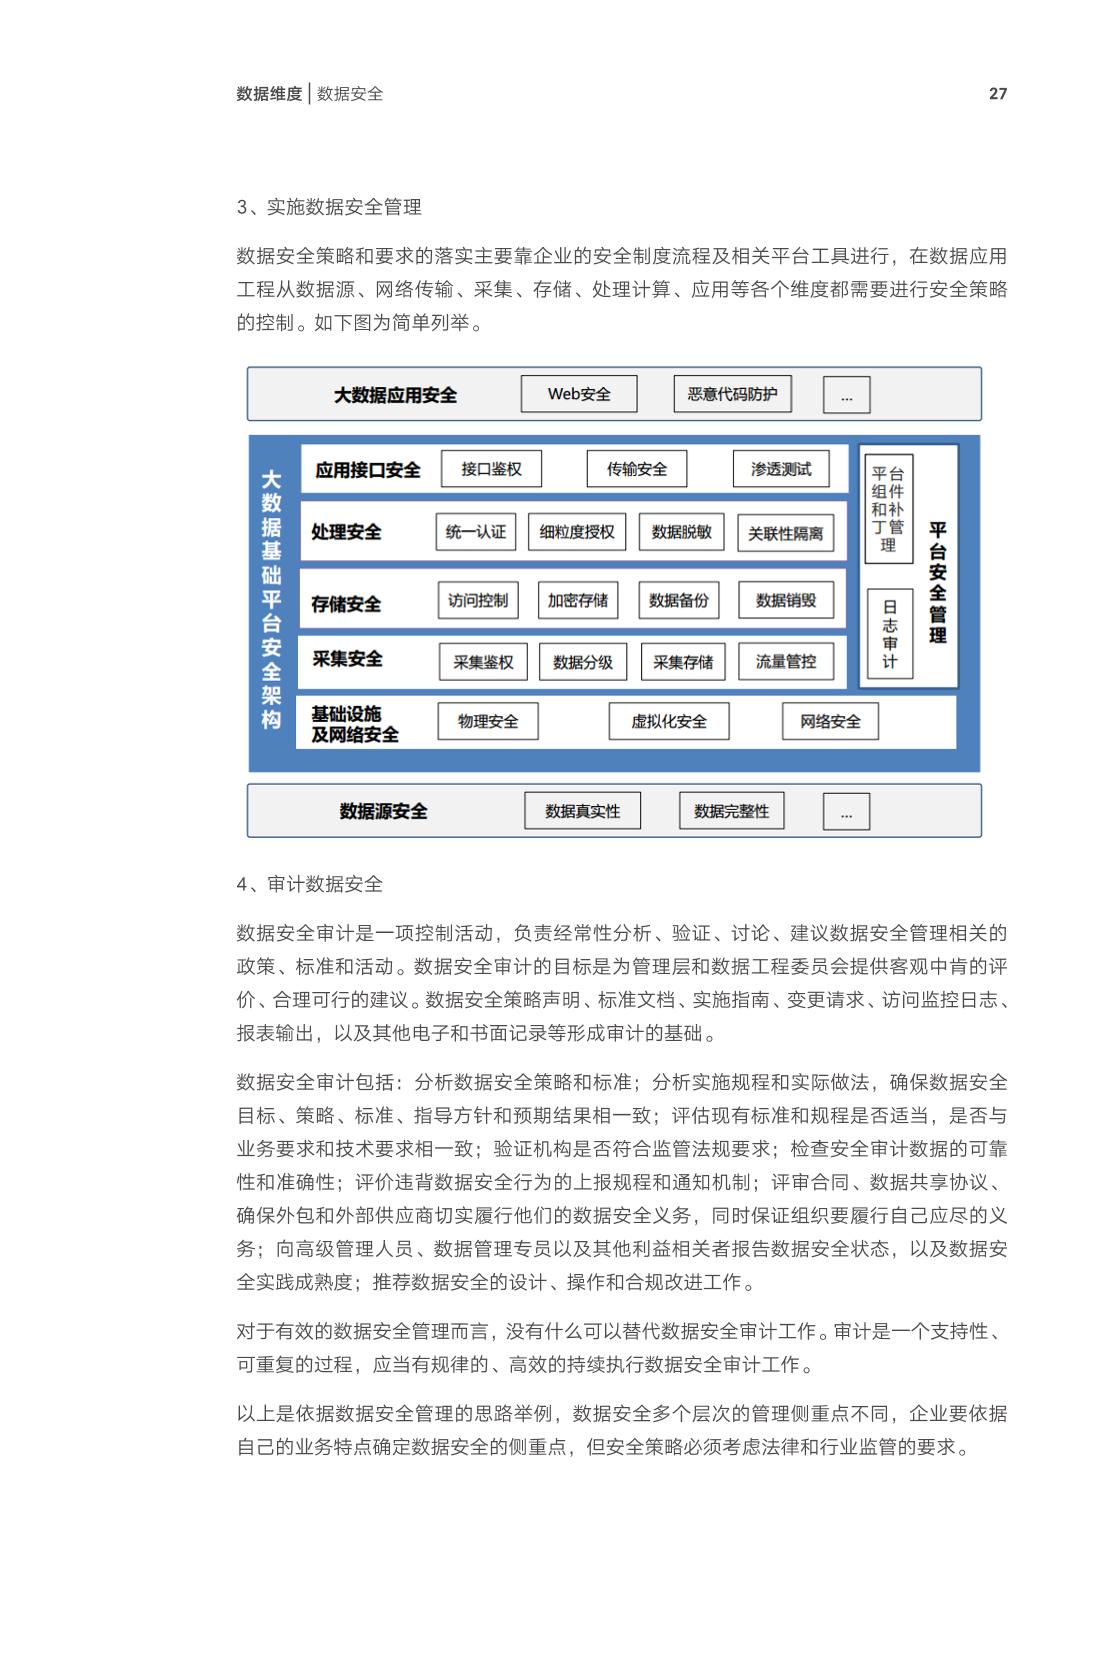 数据应用工程2_1530094883390-32